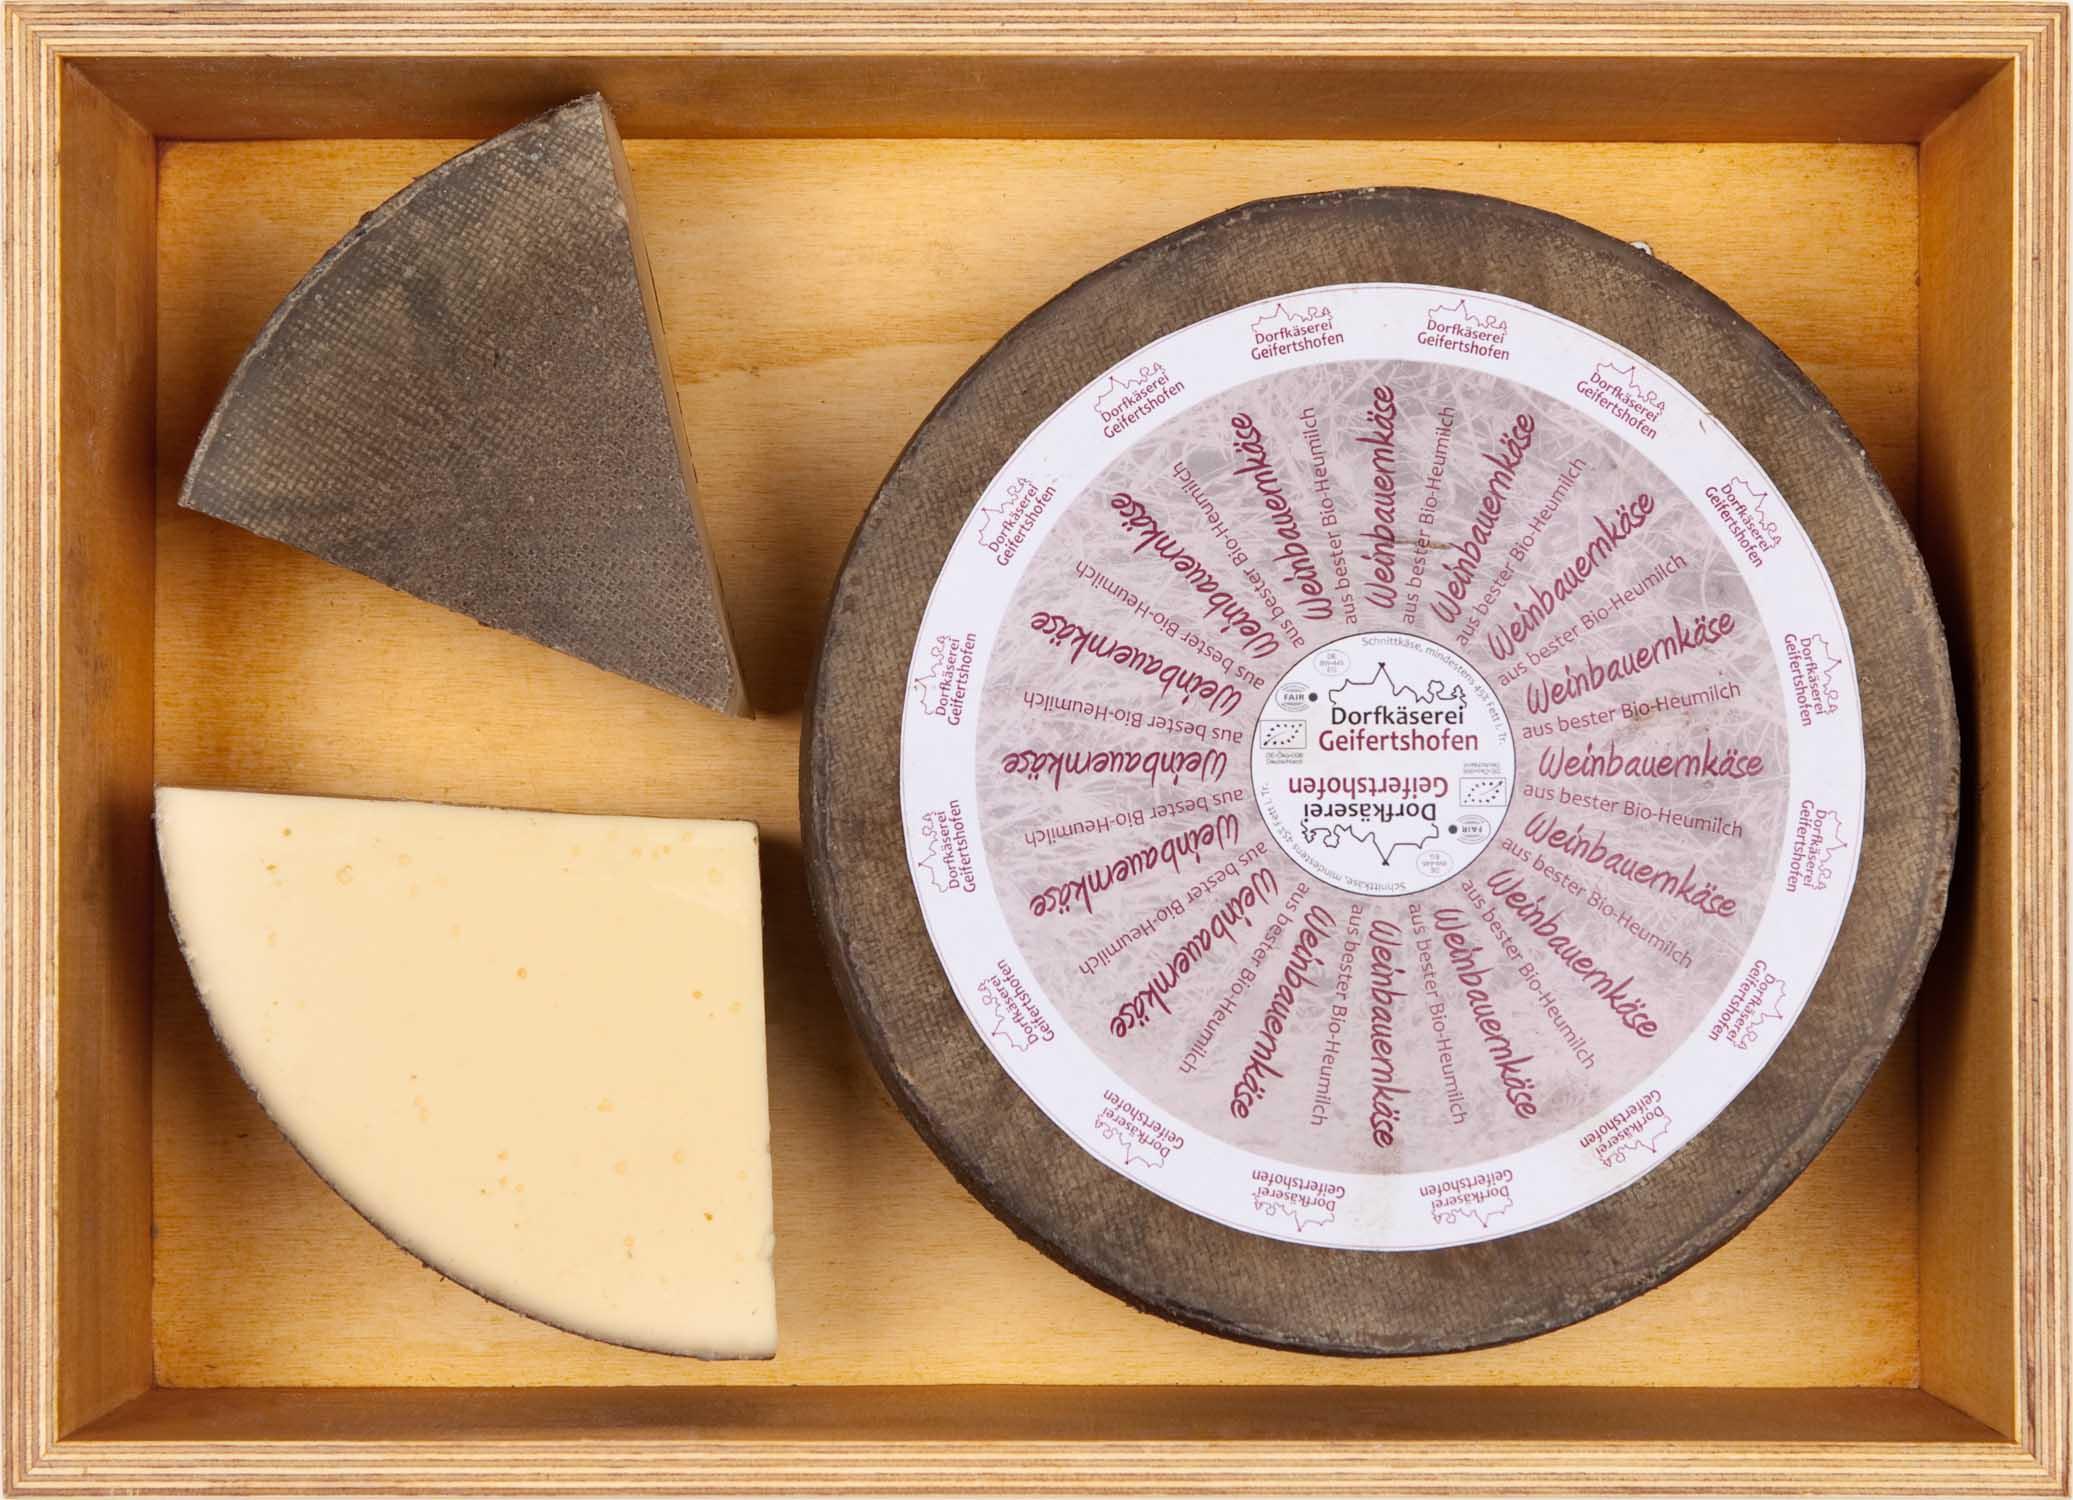 honhardter demeter Leib Foodfotografie dorfkäserei geifertshofen käseherstellung weinbauern Kisten Käserei jörn strojny